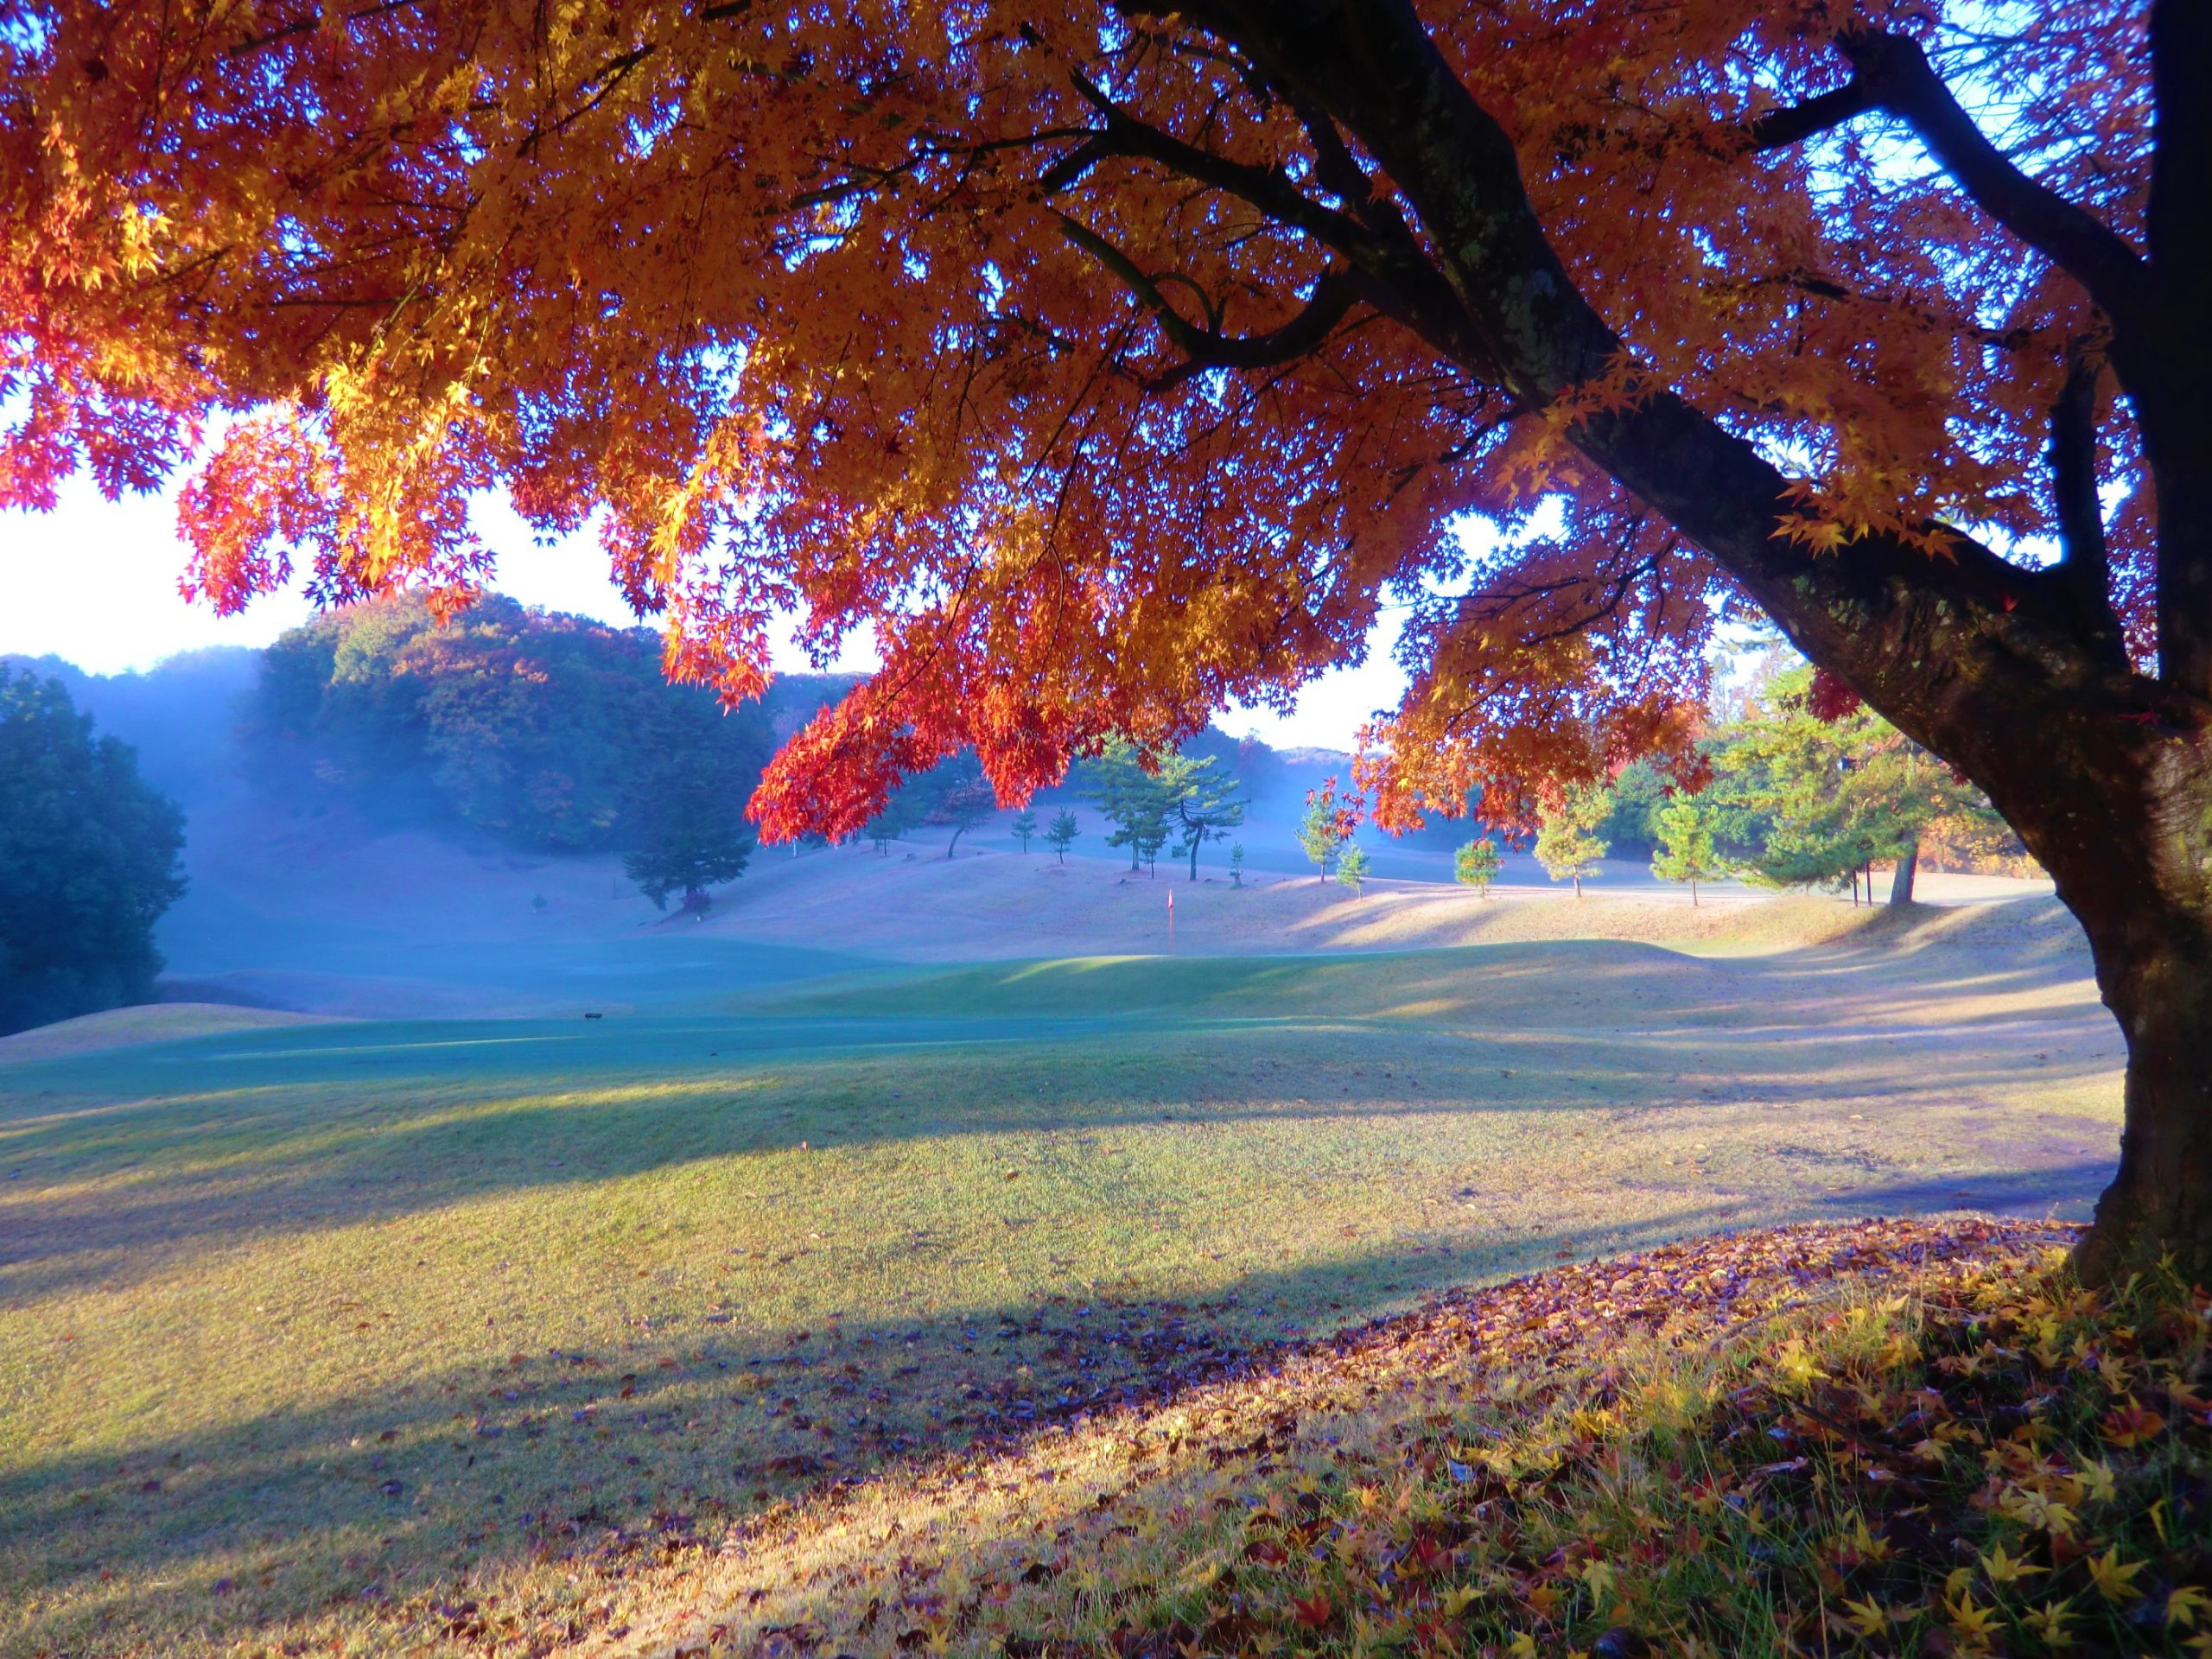 秋の祝日特別料金のお知らせ